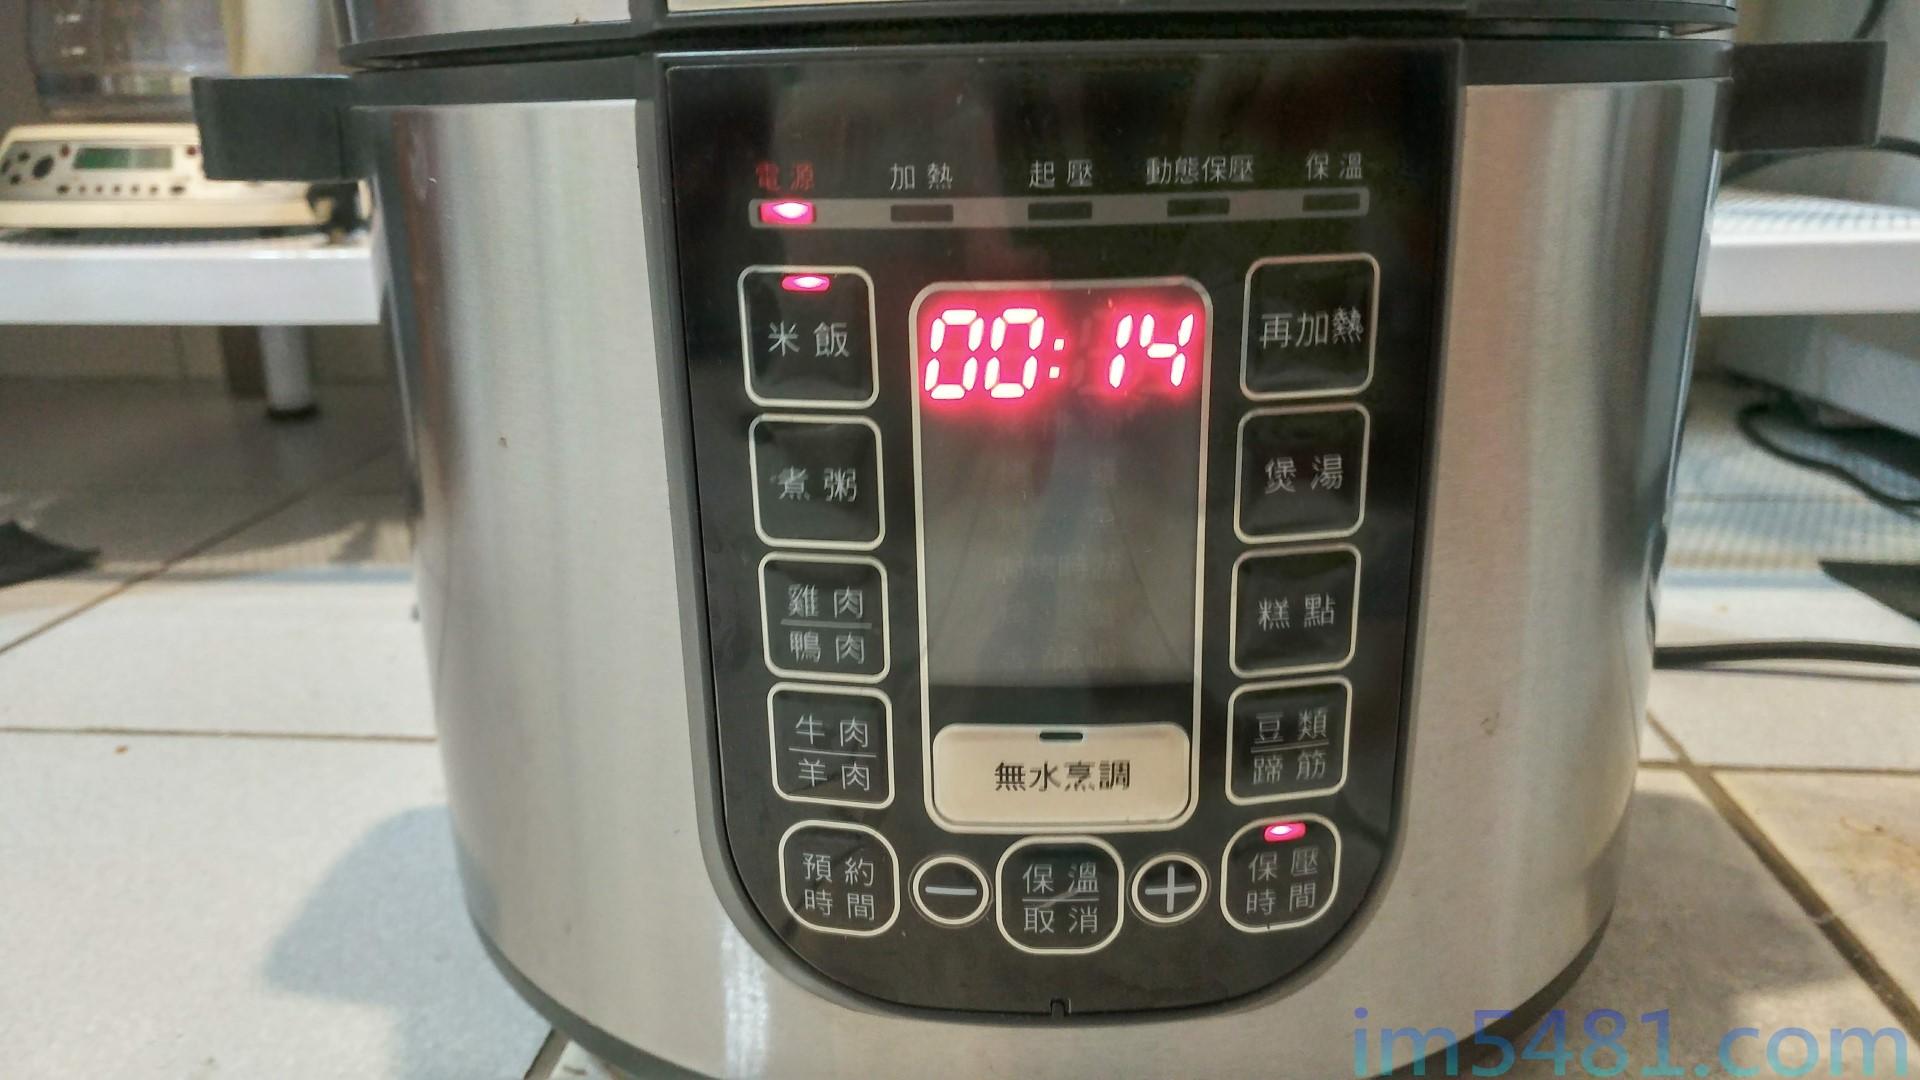 飛利浦萬用鍋煮白飯,使用米飯模式